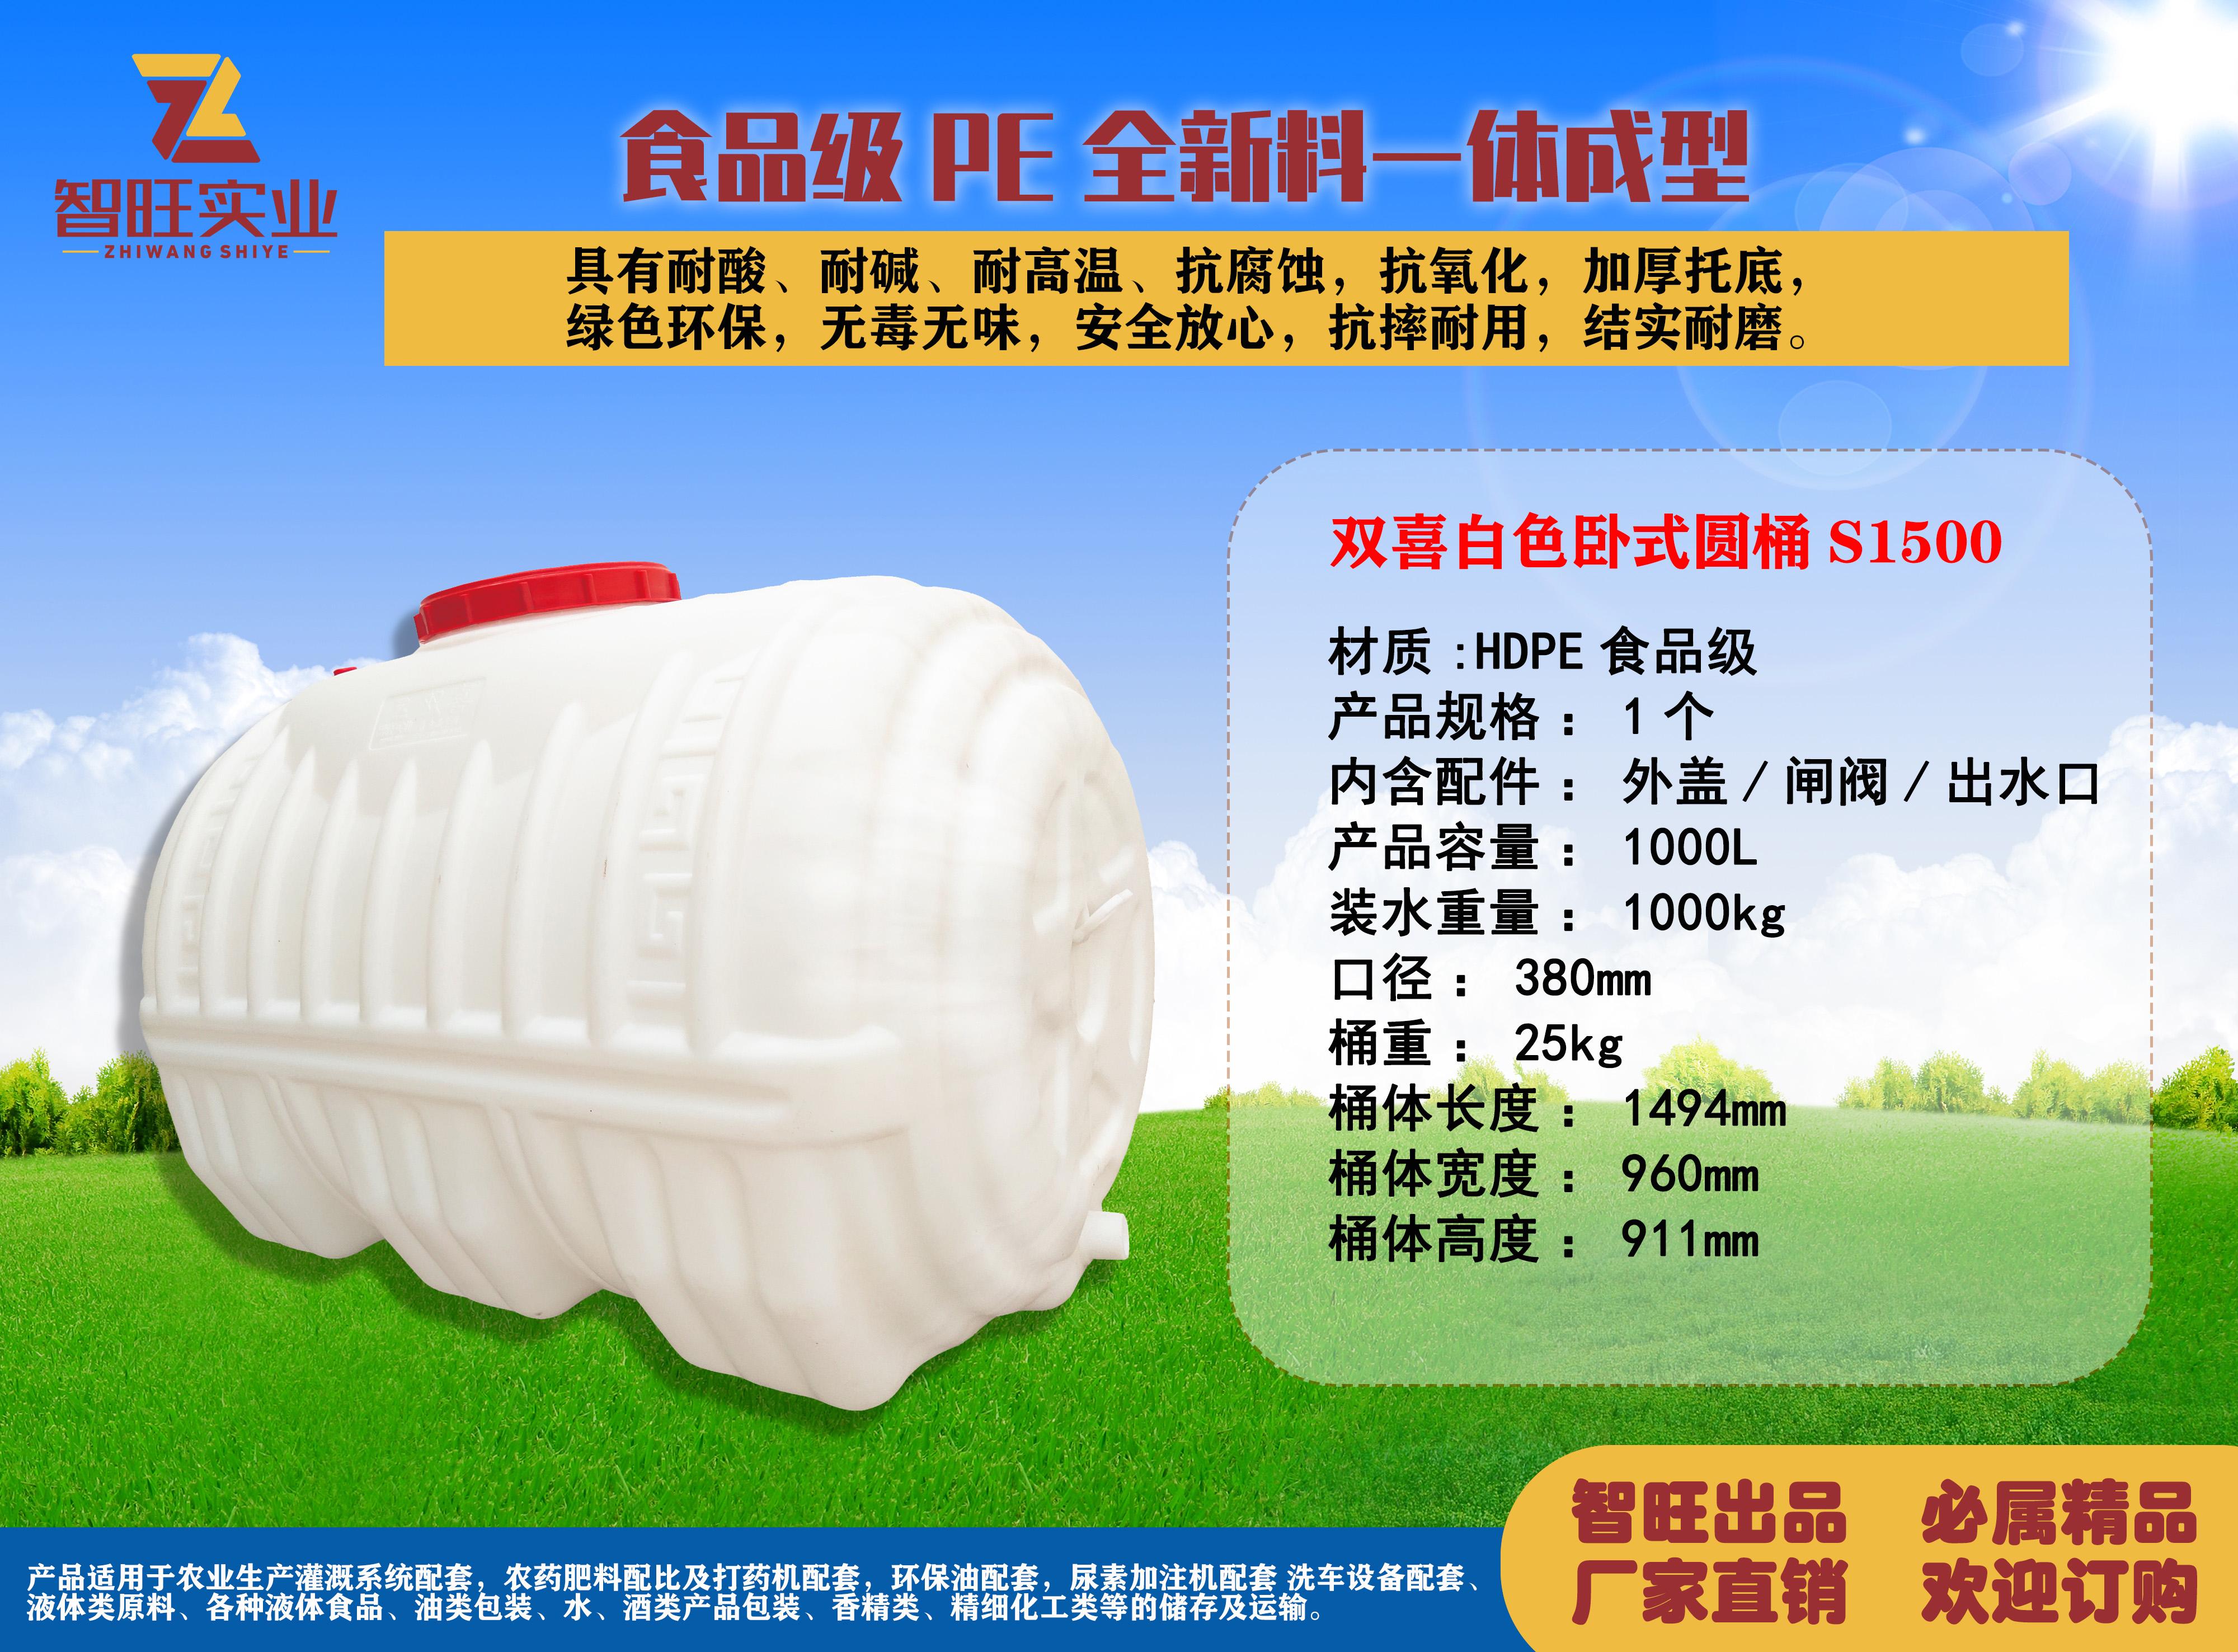 雙喜白色臥式圓桶S1500